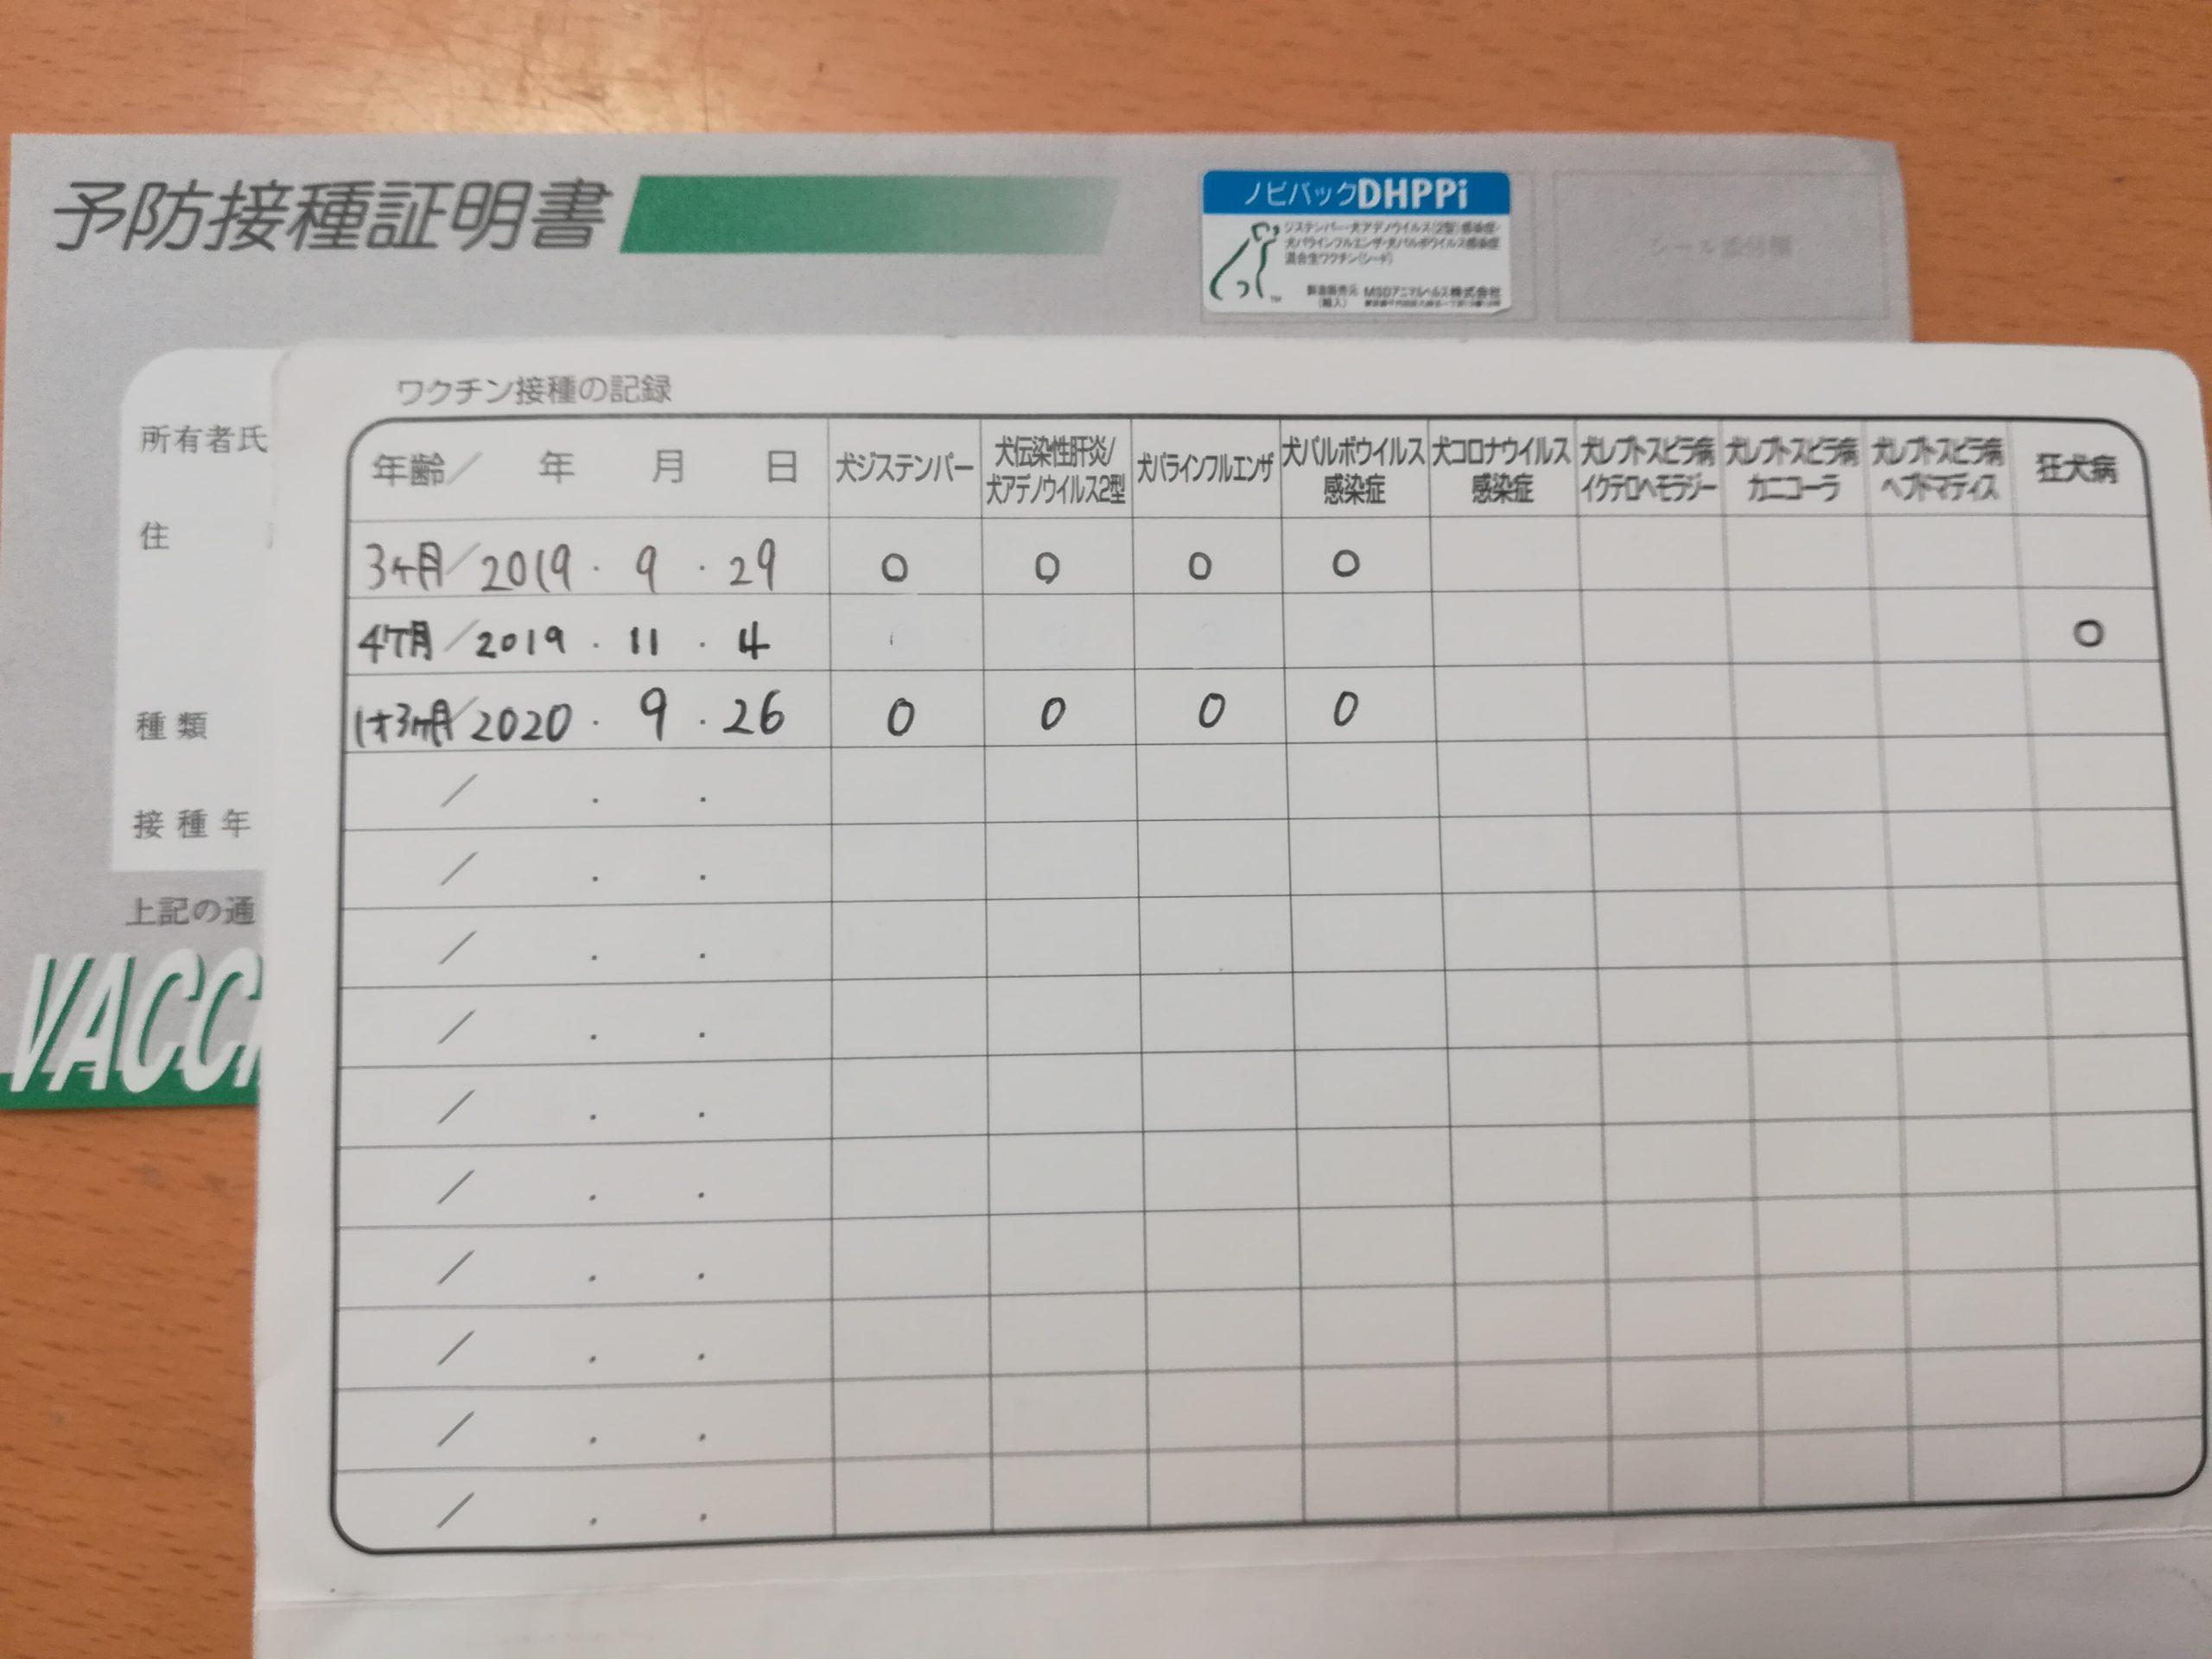 アポロの接種記録